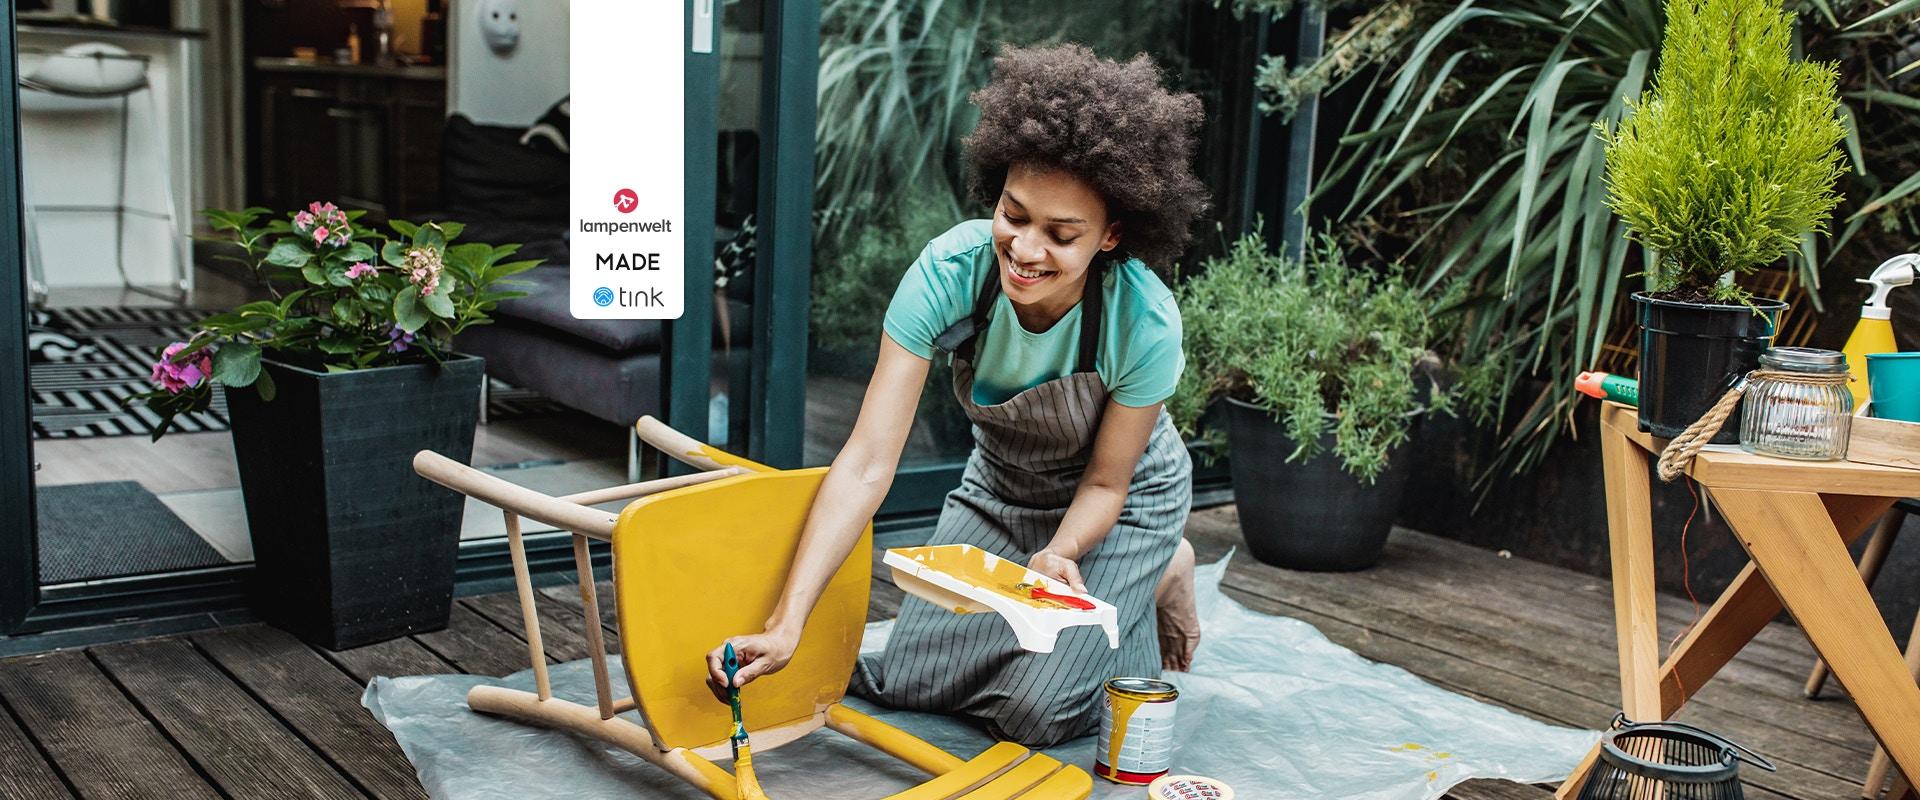 Eine Frau streicht einen Stuhl auf einem Balkon.